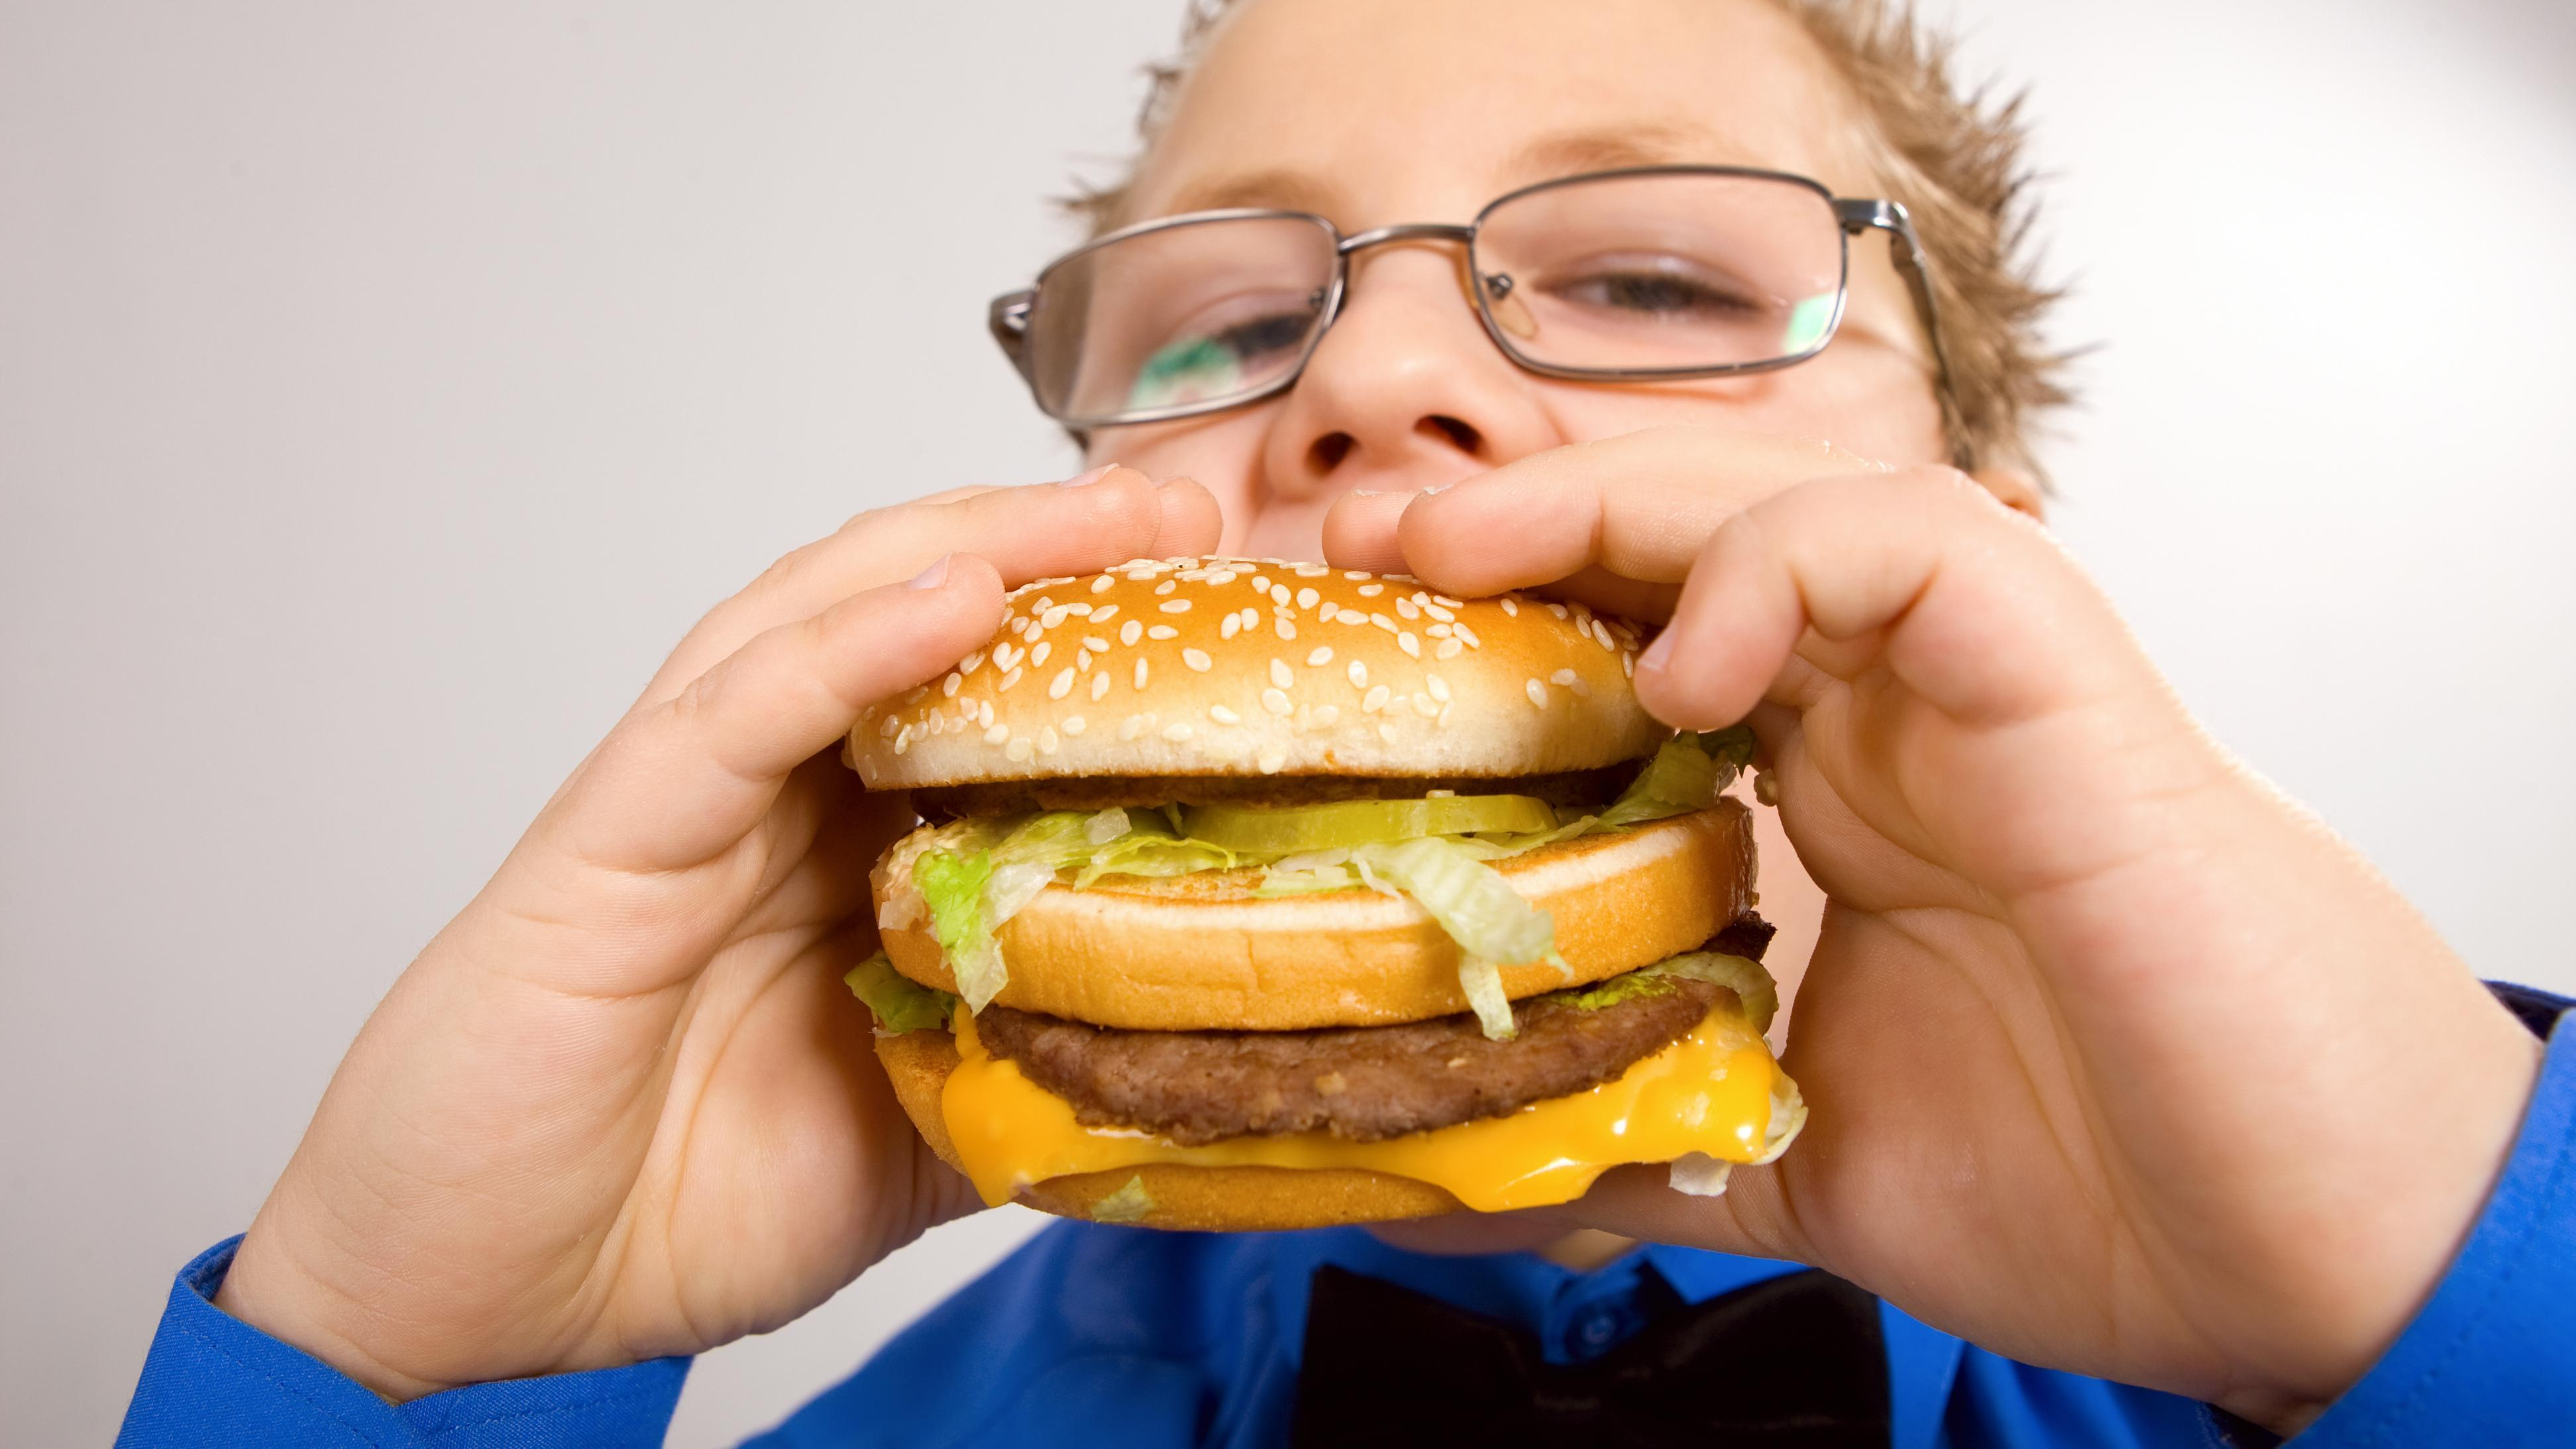 В мире зафиксирован десятикратный рост детского ожирения